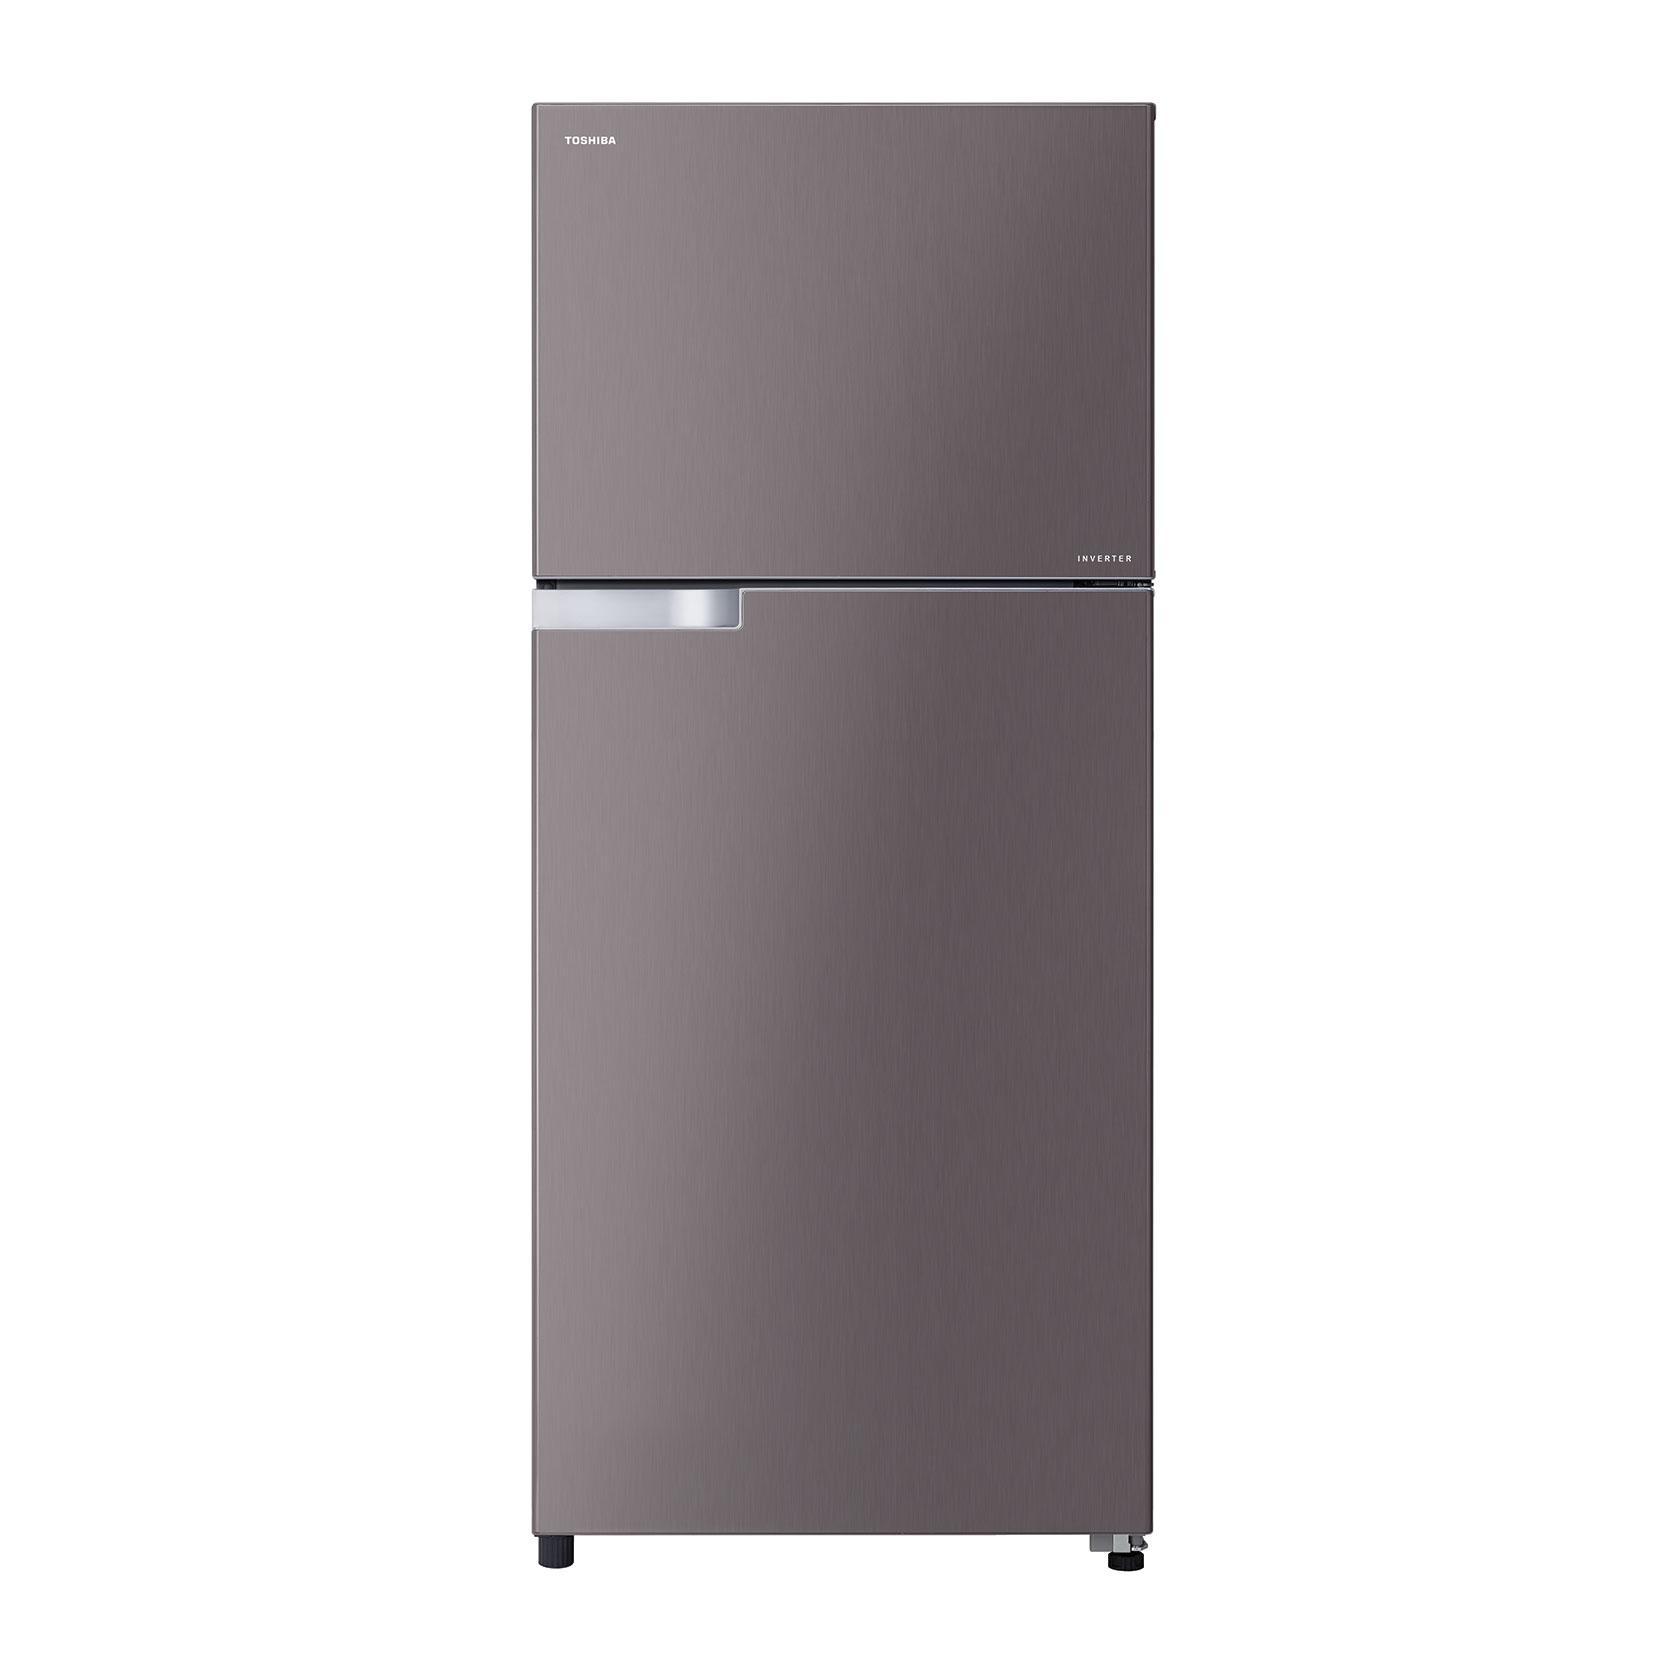 Tủ lạnh Toshiba Inverter 305 lít GR-T36VUBZ